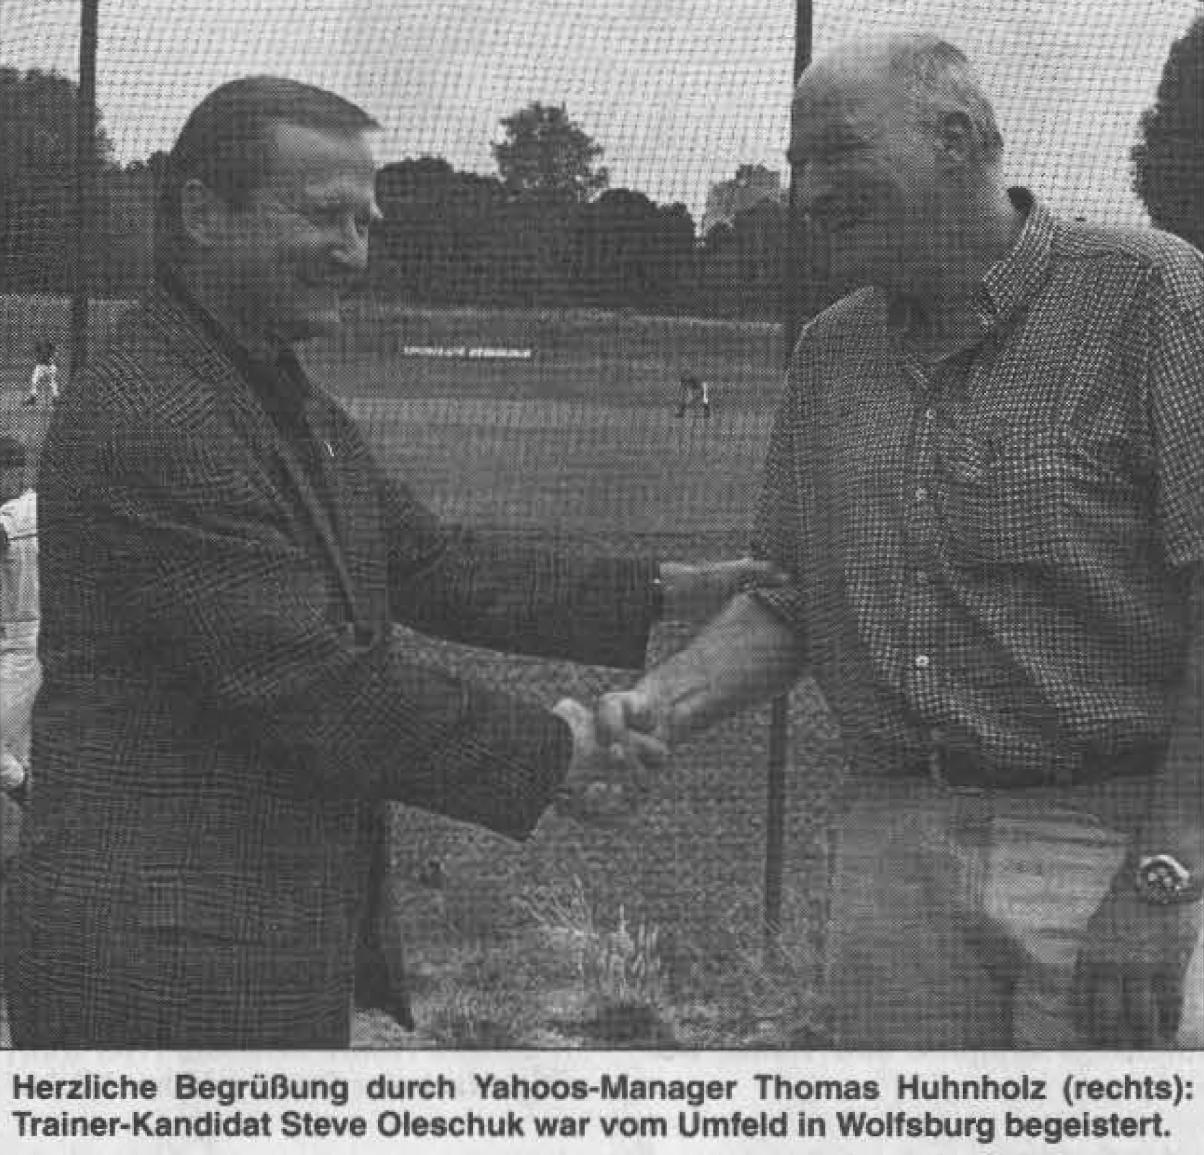 Herzliche Begrüßung durch Yahoos-Manager Thomas Huhnholz (rechts): Trainer-Kandidat Steve Oleschuk war vom Umfeld in Wolfsburg begeistert.